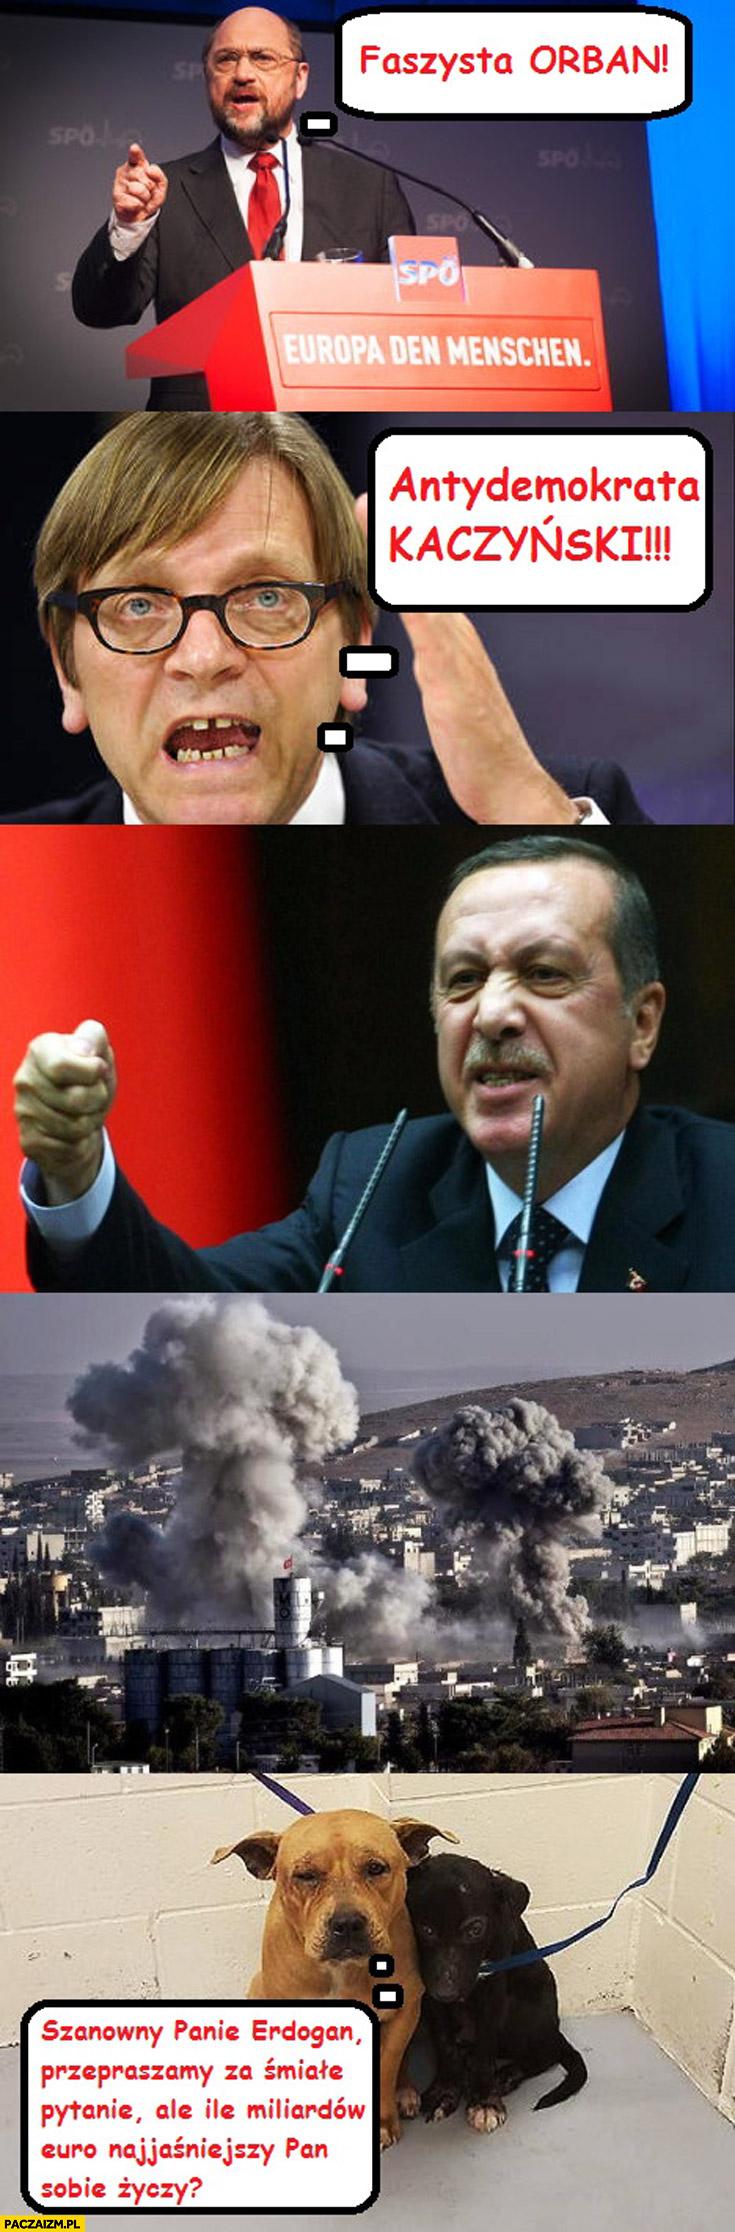 Faszysta Orban, antydemokrata Kaczyński, Erdogan wojna ile miliardów euro pan sobie życzy Schulz Verhofstadt